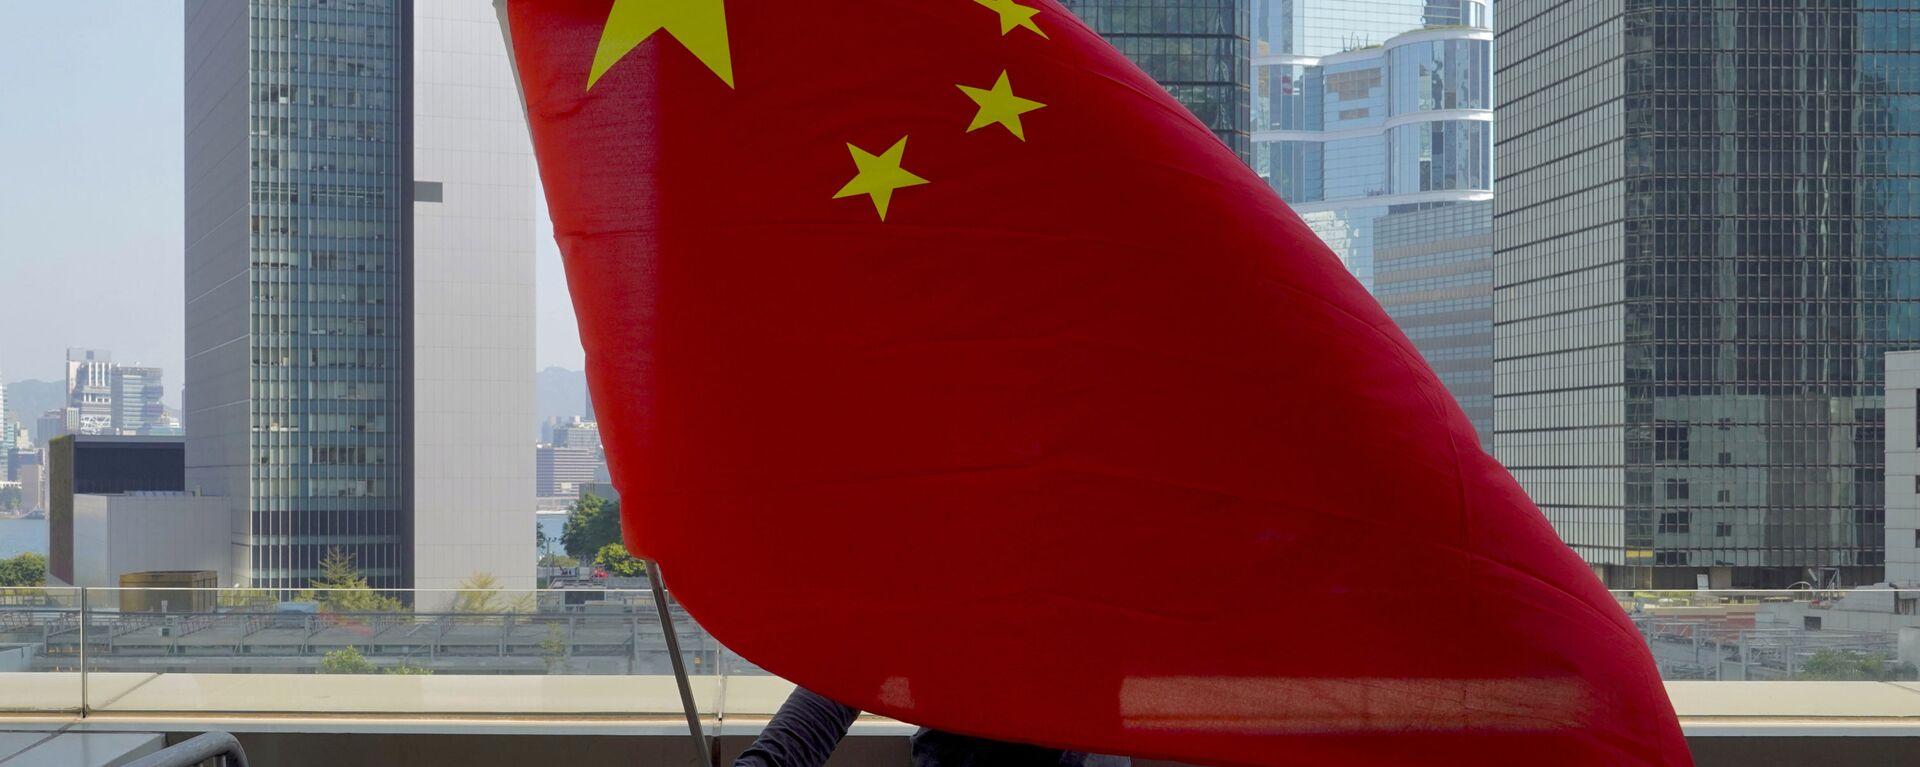 Un supporter pro-Cina sventola una bandiera cinese davanti all'Alta Corte di Hong Kong  - Sputnik Italia, 1920, 28.09.2021